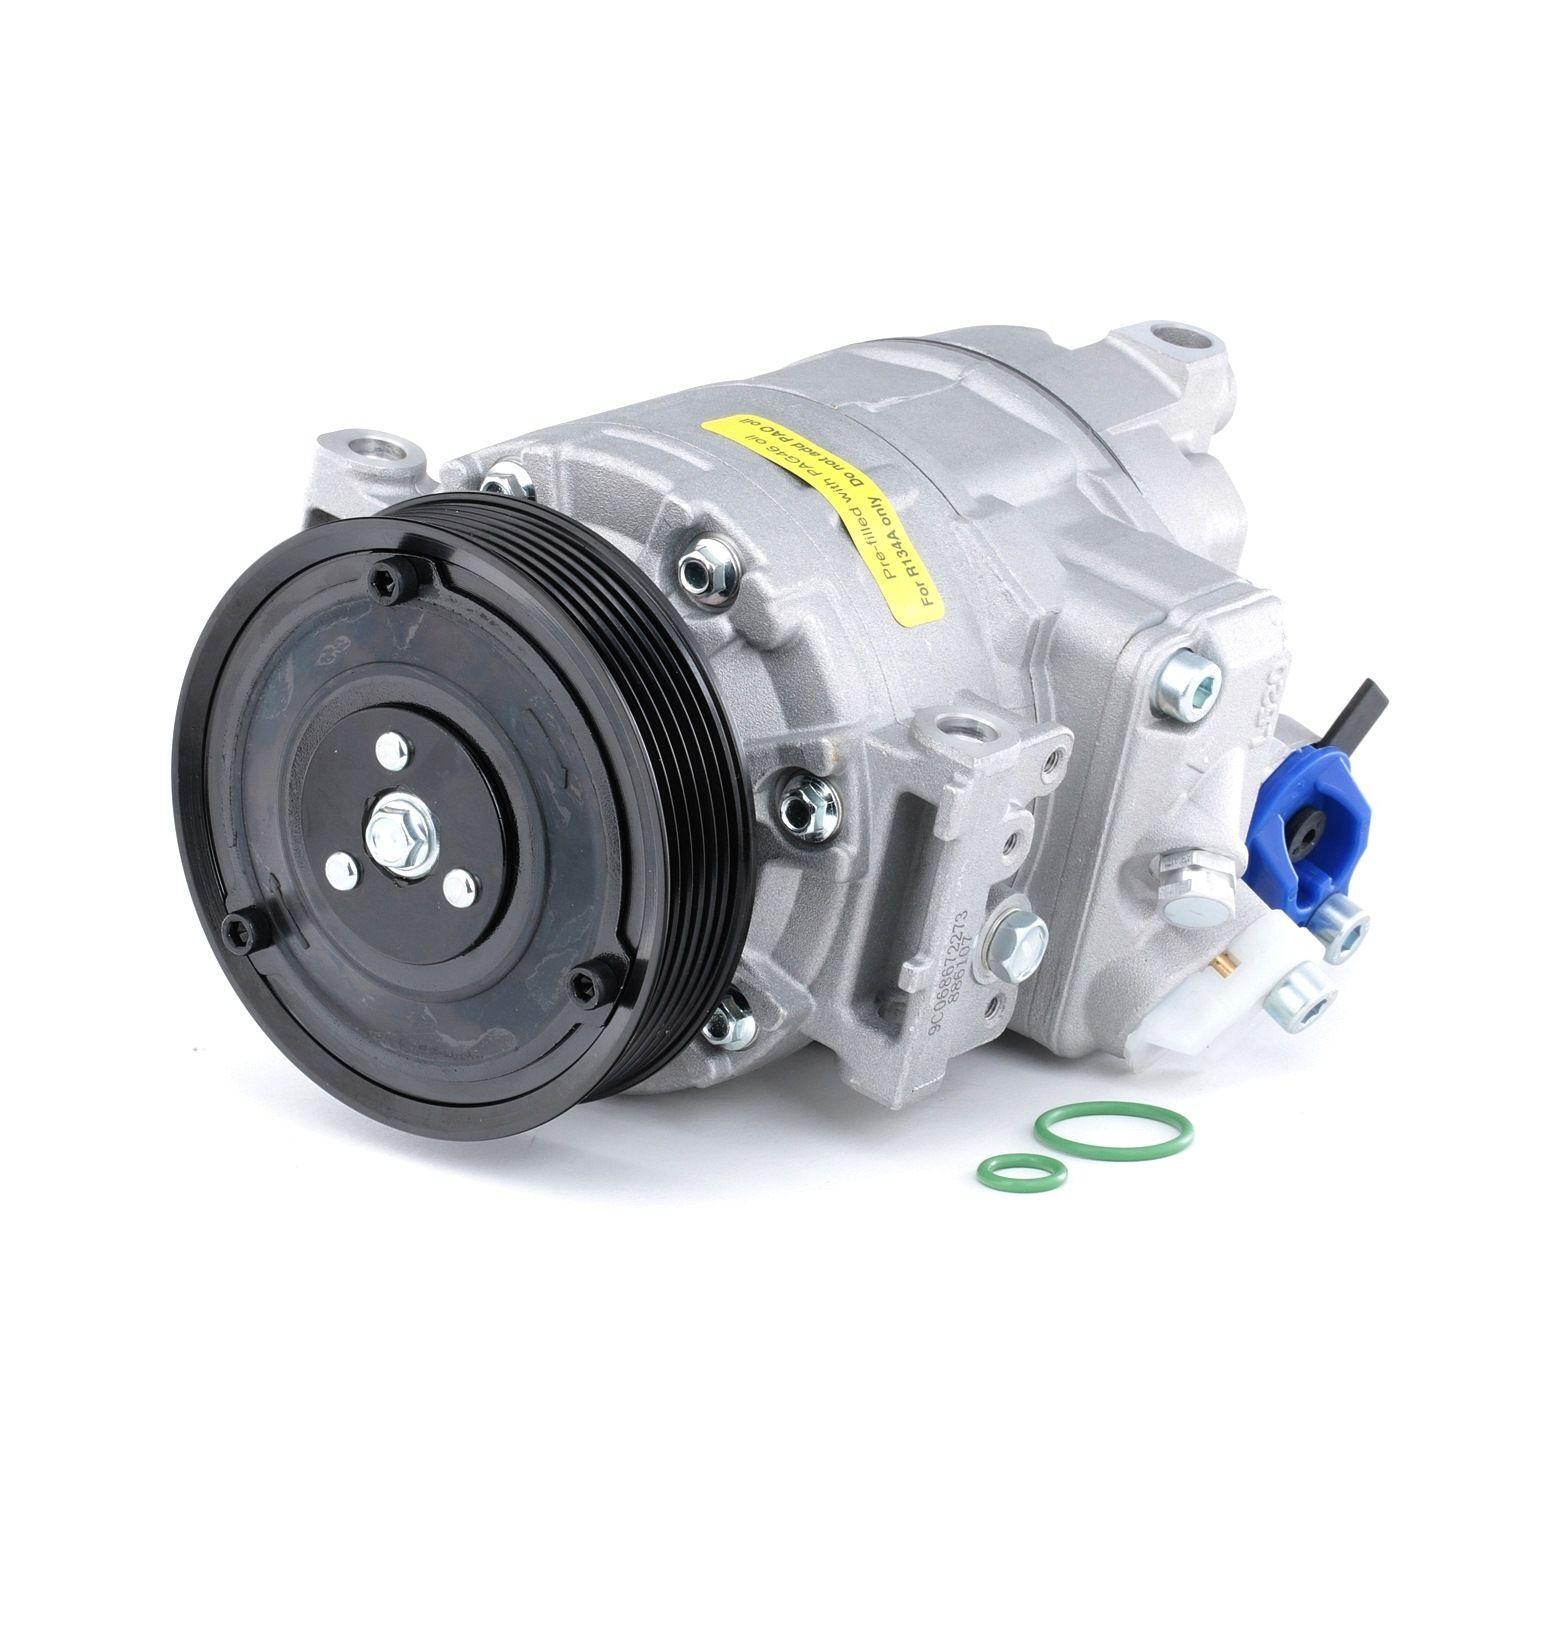 NISSENS Compresseur De Climatisation 890632 Compresseur De Clim,Compresseur, climatisation VW,AUDI,SKODA,GOLF V 1K1,TOURAN 1T1, 1T2,GOLF VI 5K1